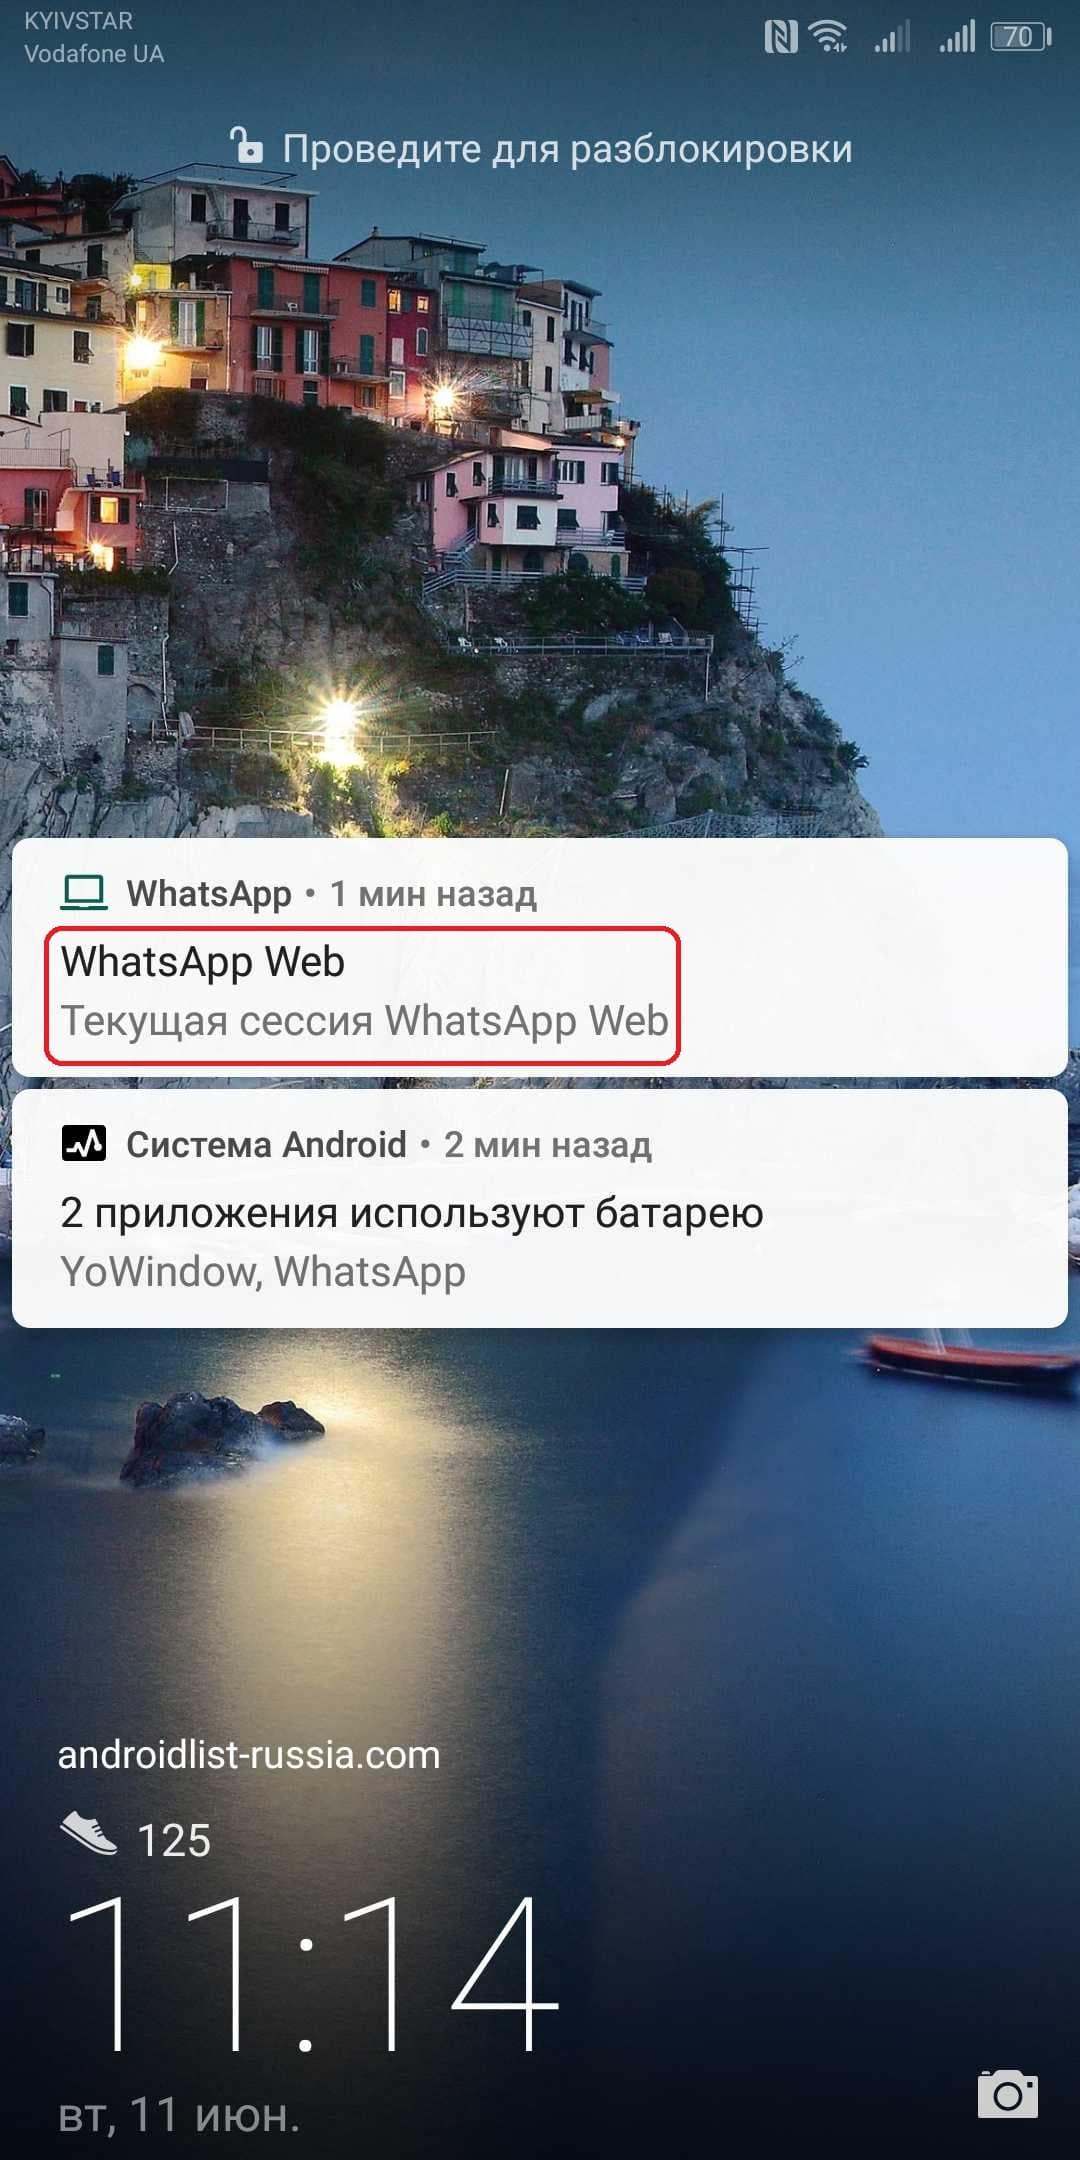 Картинка 1 Как вычислить шпиона в WhatsApp с помощью WhatsApp Web